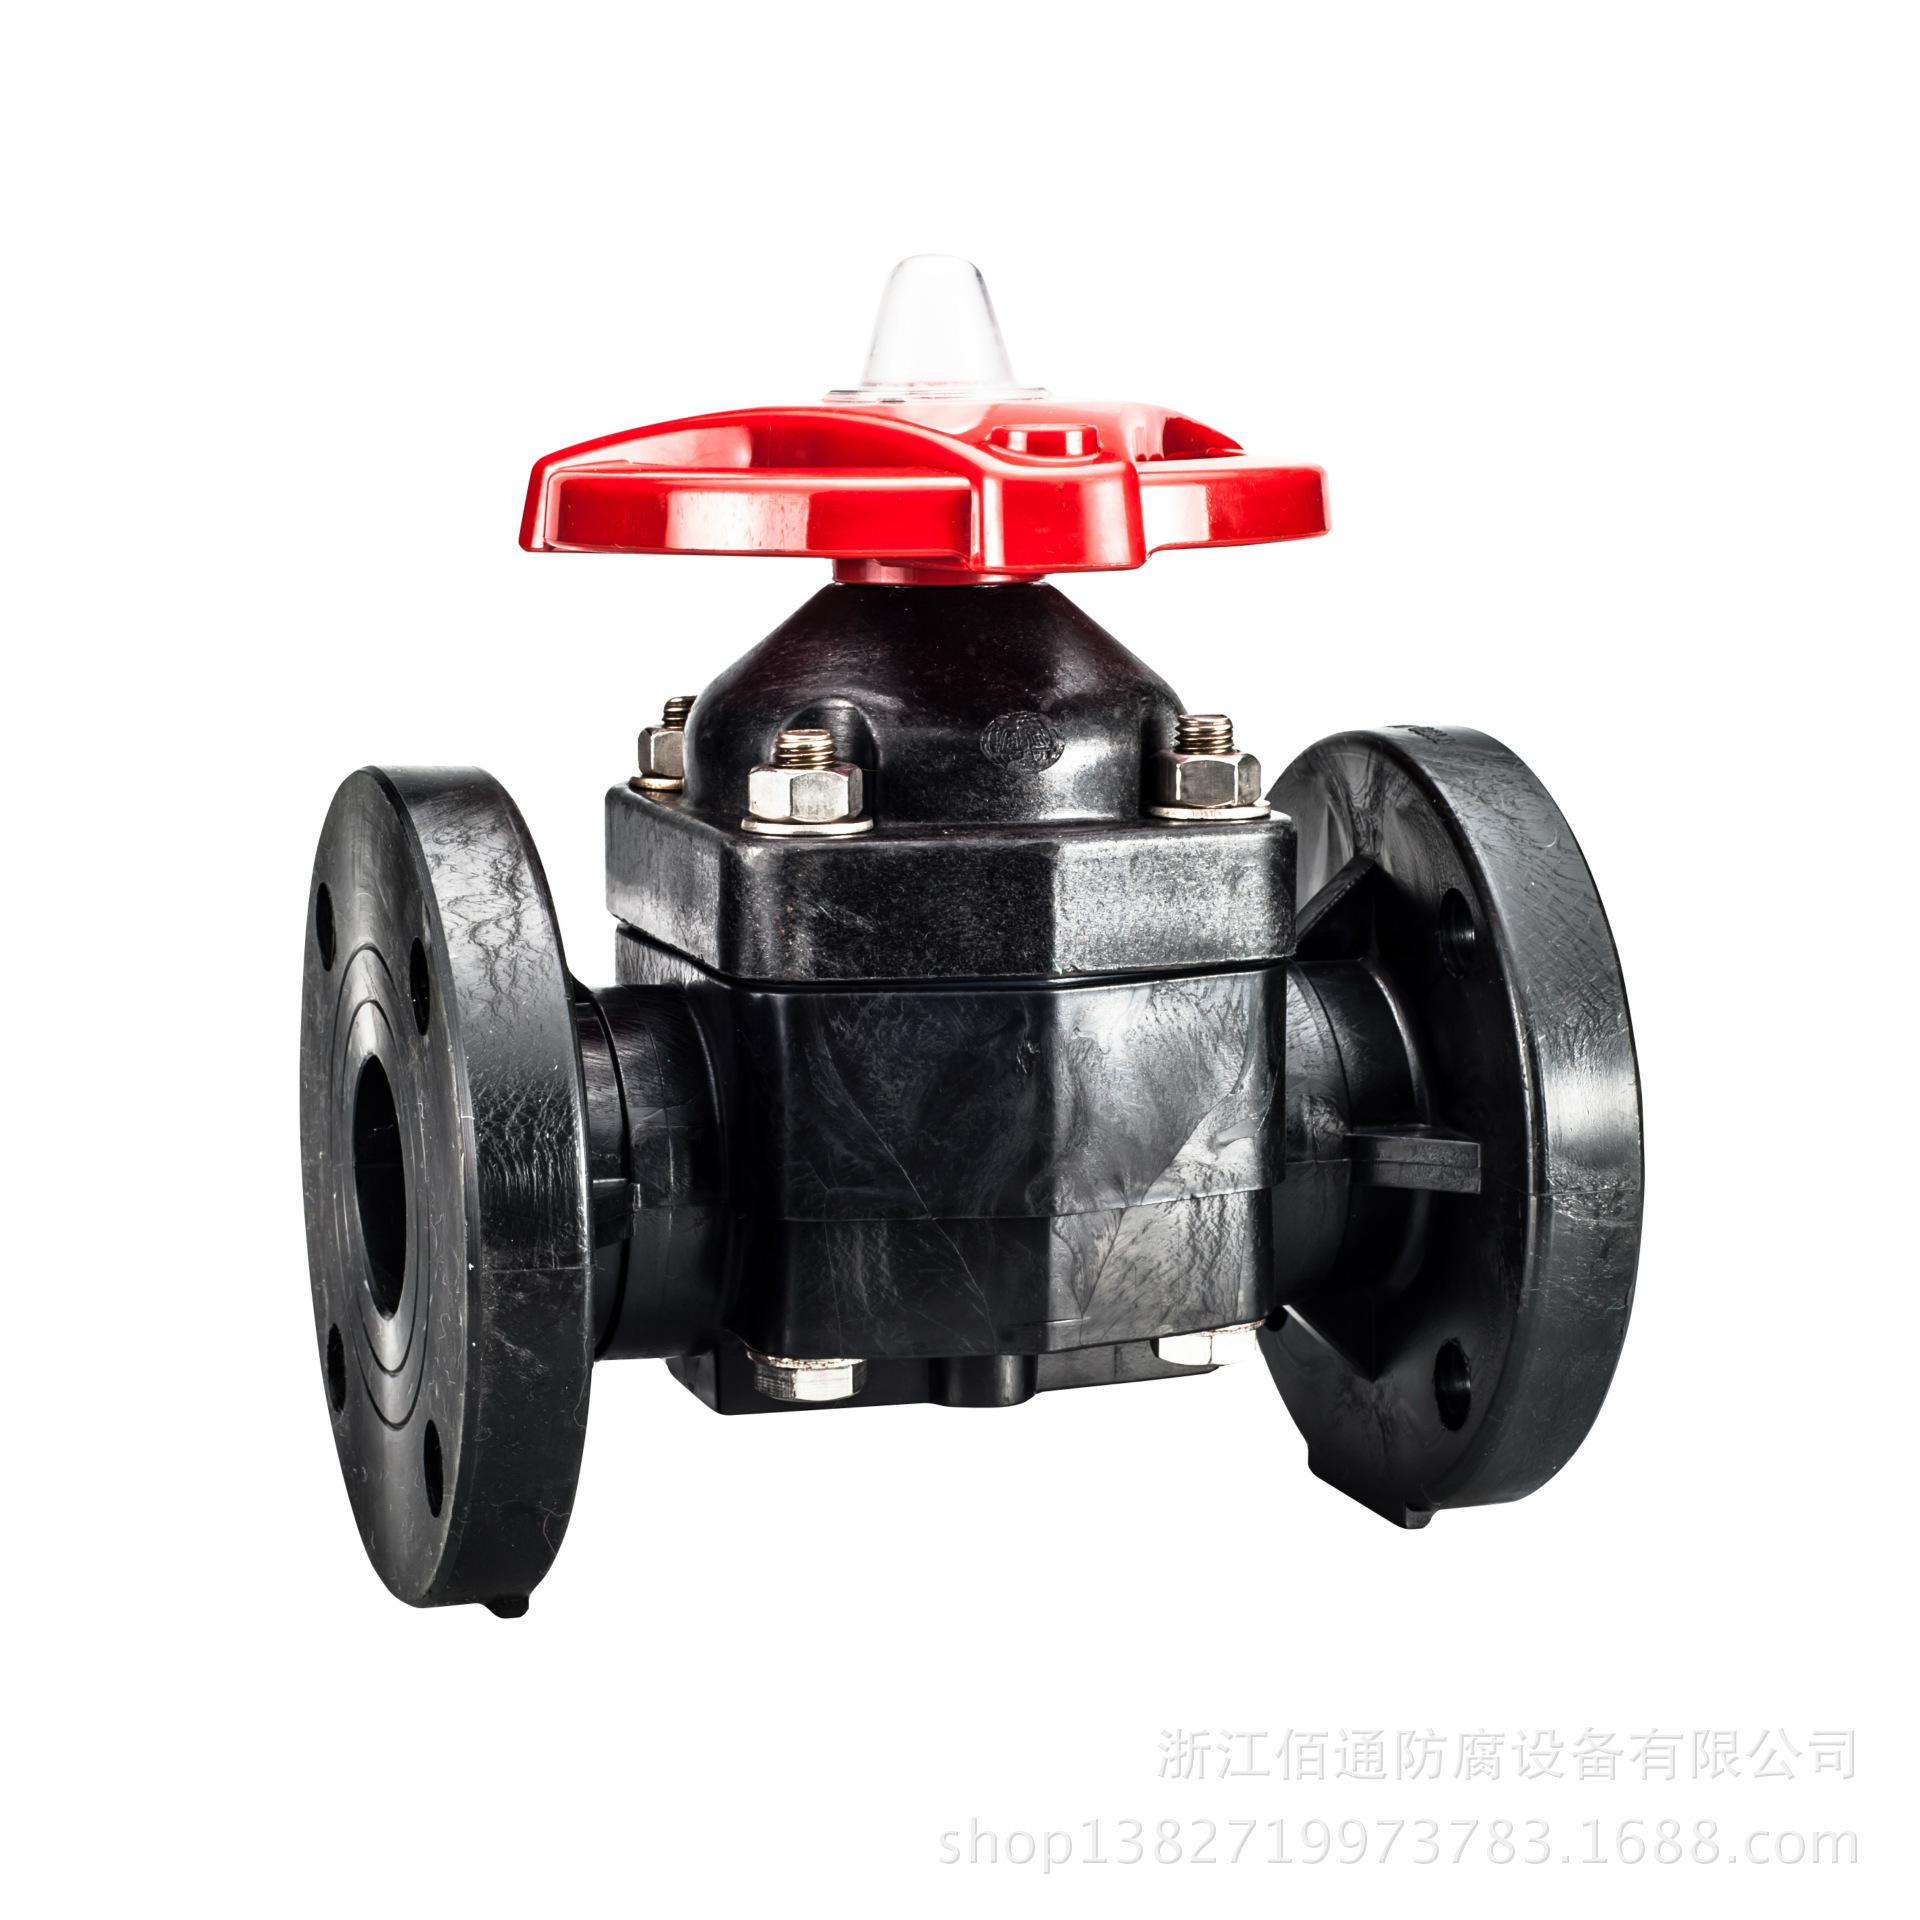 厂家直销|PE|法兰式隔膜阀|浙江佰通|产品|质量上层